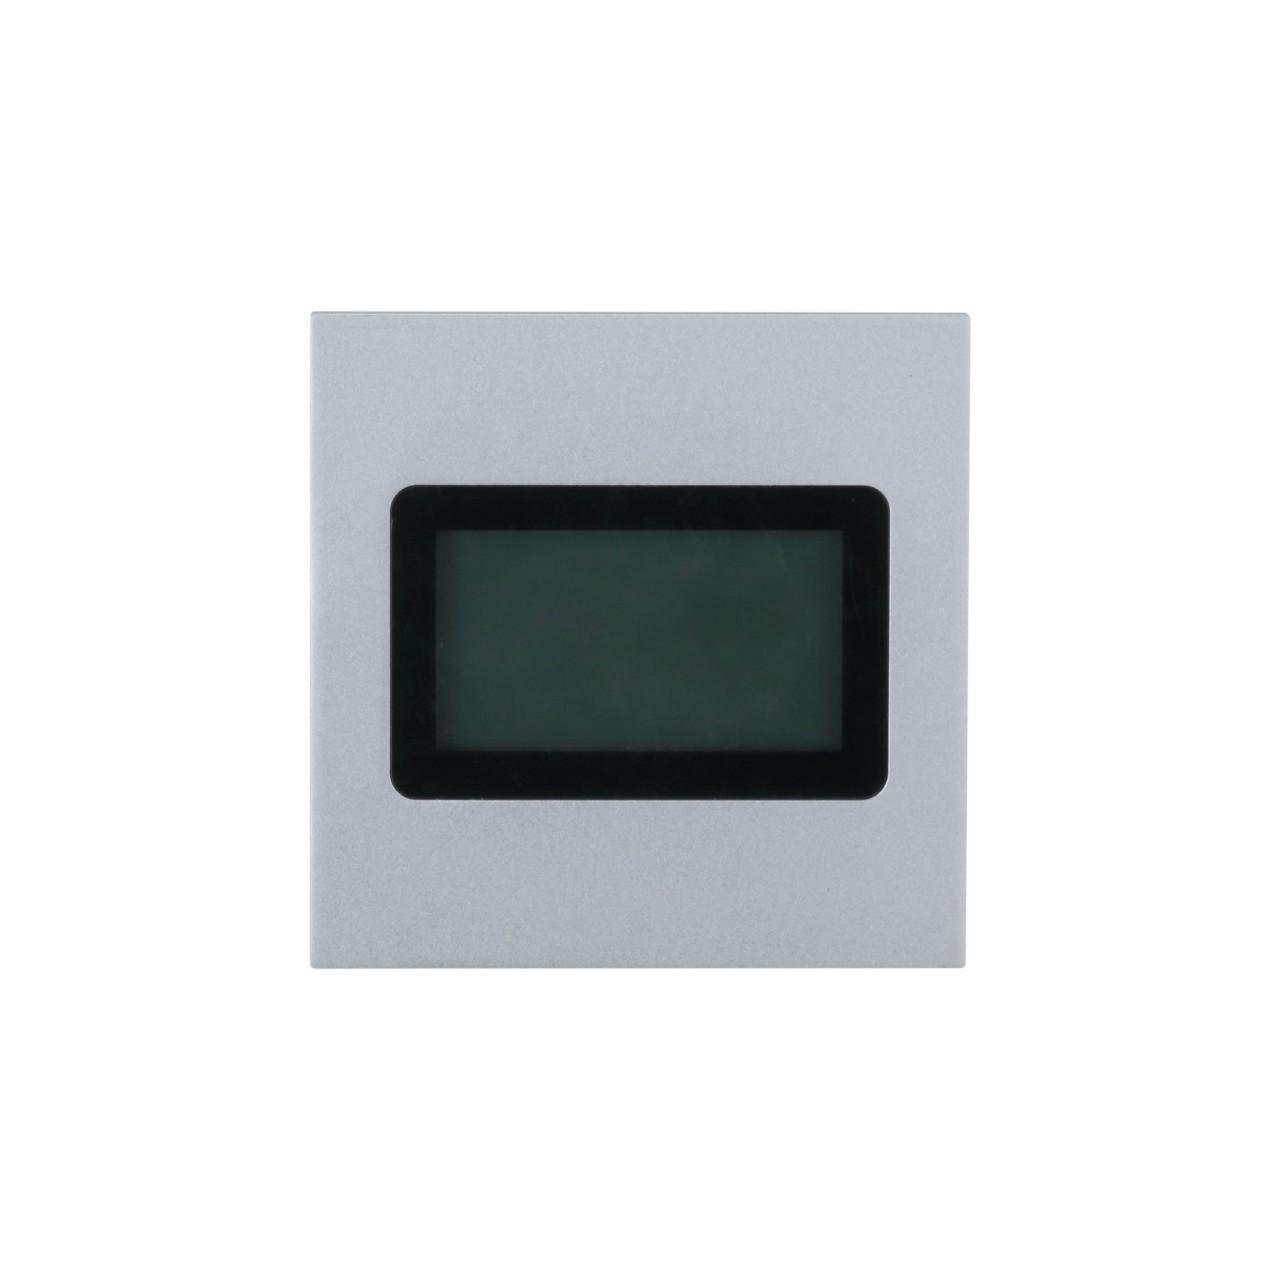 TURM IP Video Türsprechanlage Display Modul für die modulare Außenstation